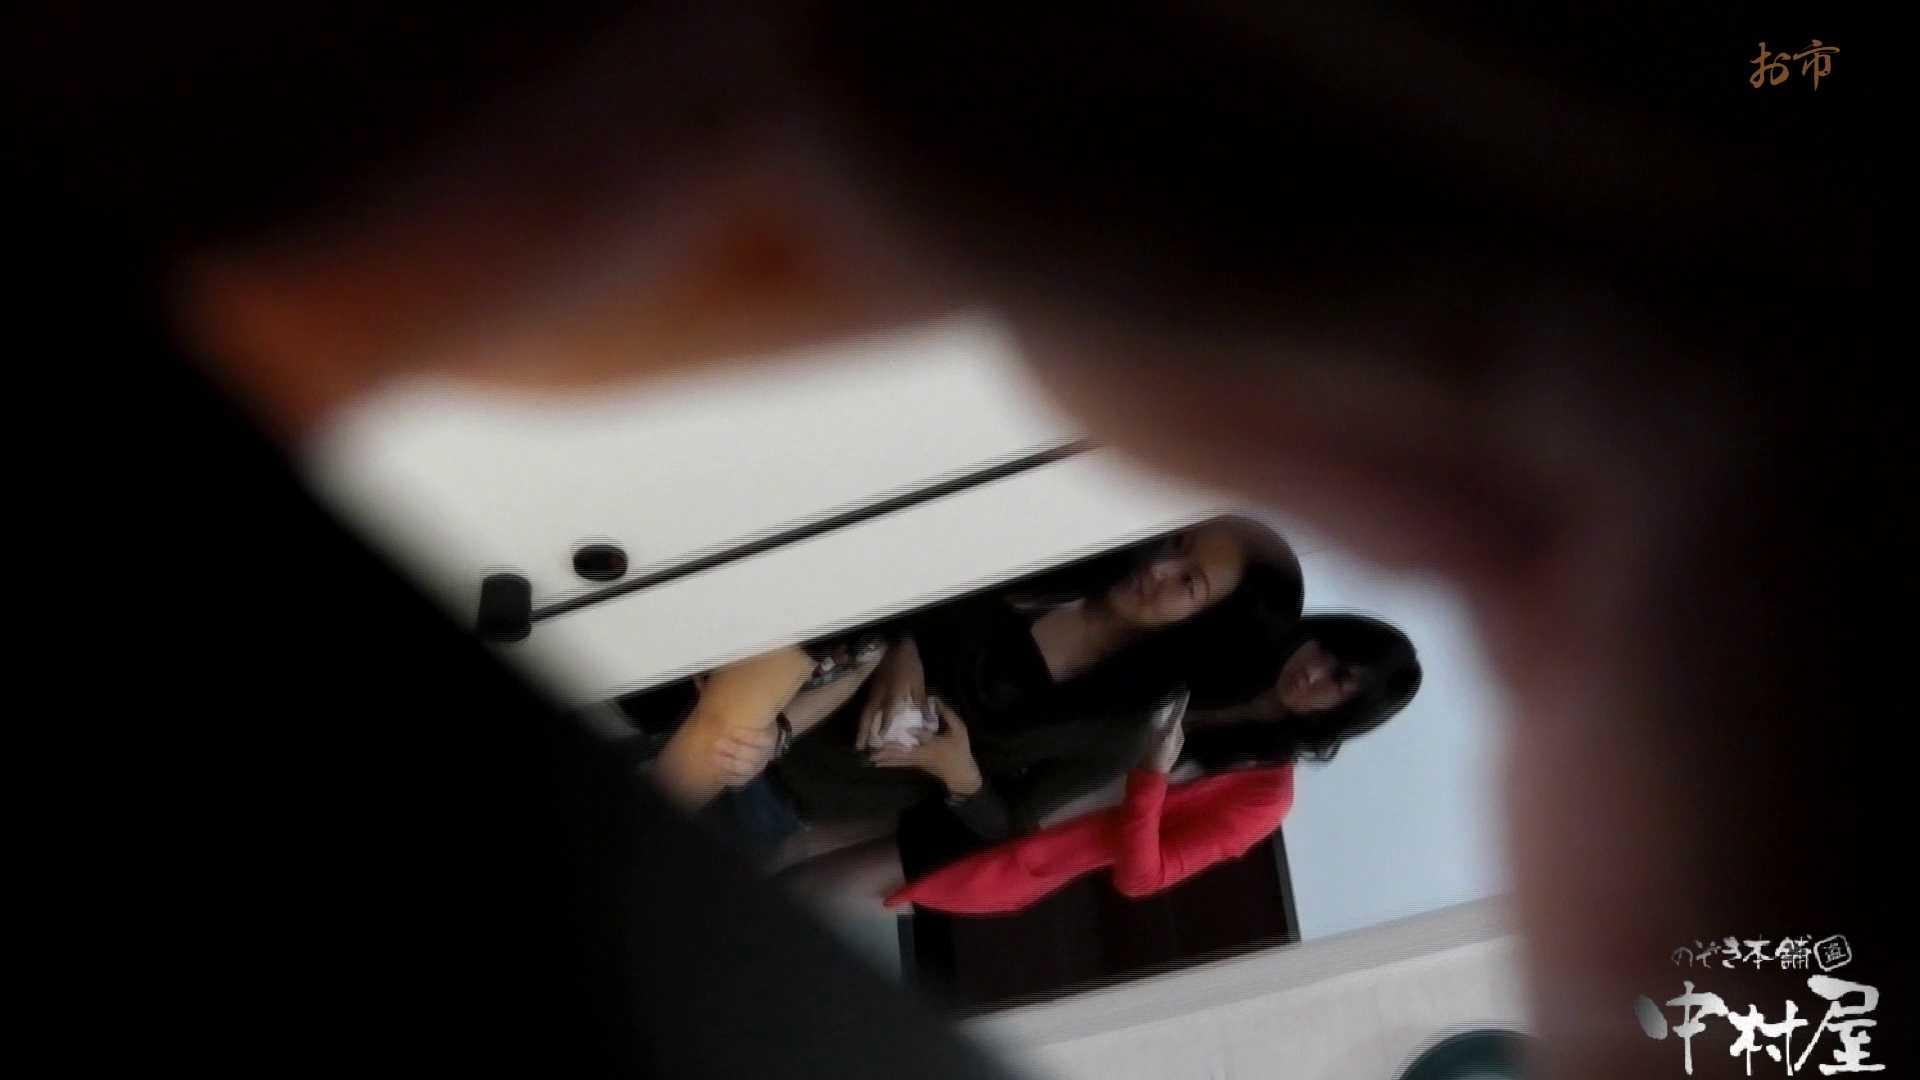 お市さんの「お尻丸出しジャンボリー」No.15 黒人 のぞき動画画像 82枚 65